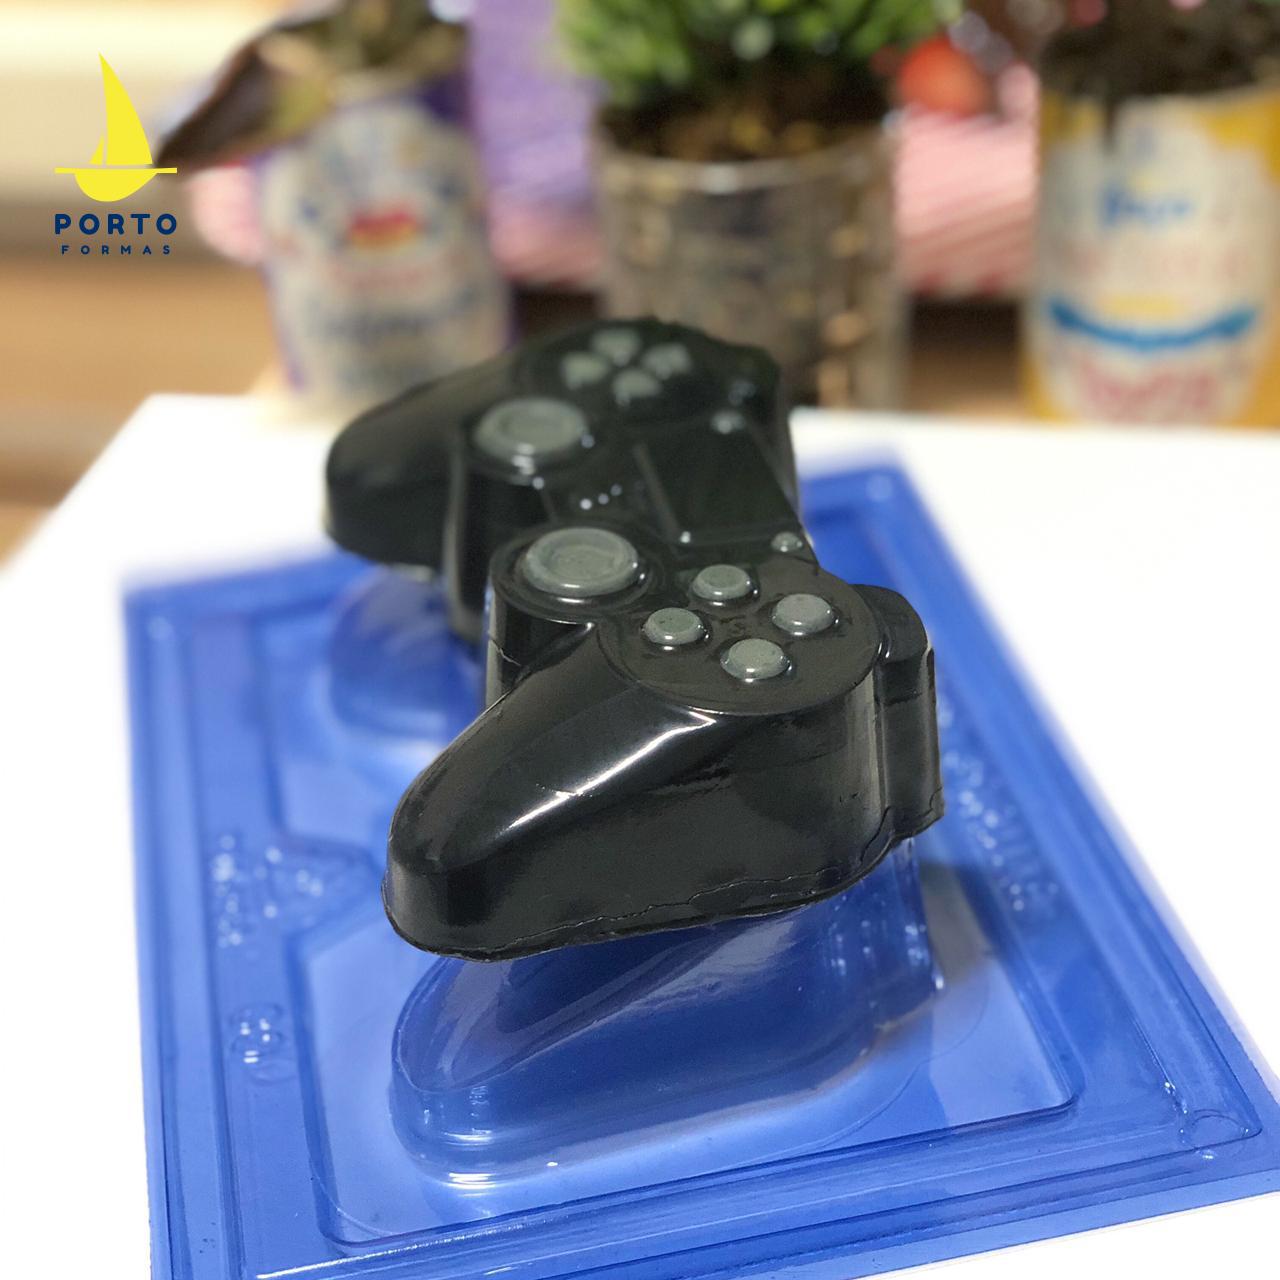 Imagen de producto: https://tienda.postreadiccion.com/img/articulos/secundarias14038-molde-69-portoformas-mando-consola-2.jpeg